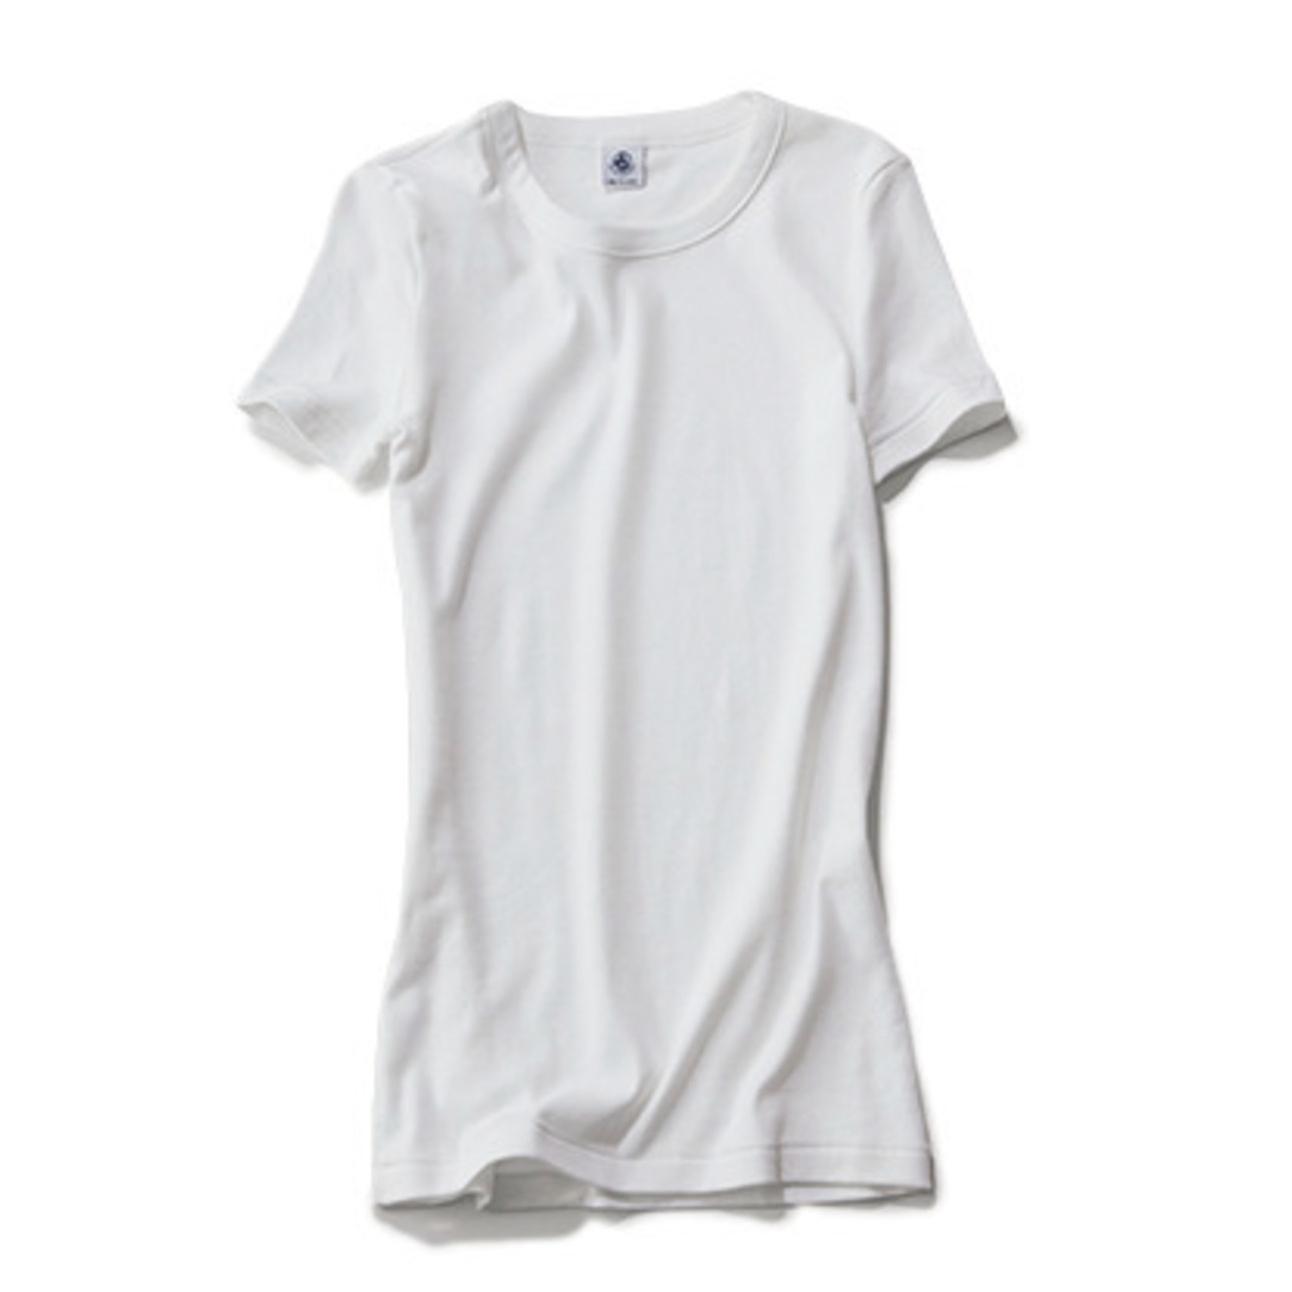 重ね着にぴったりの白Tシャツ